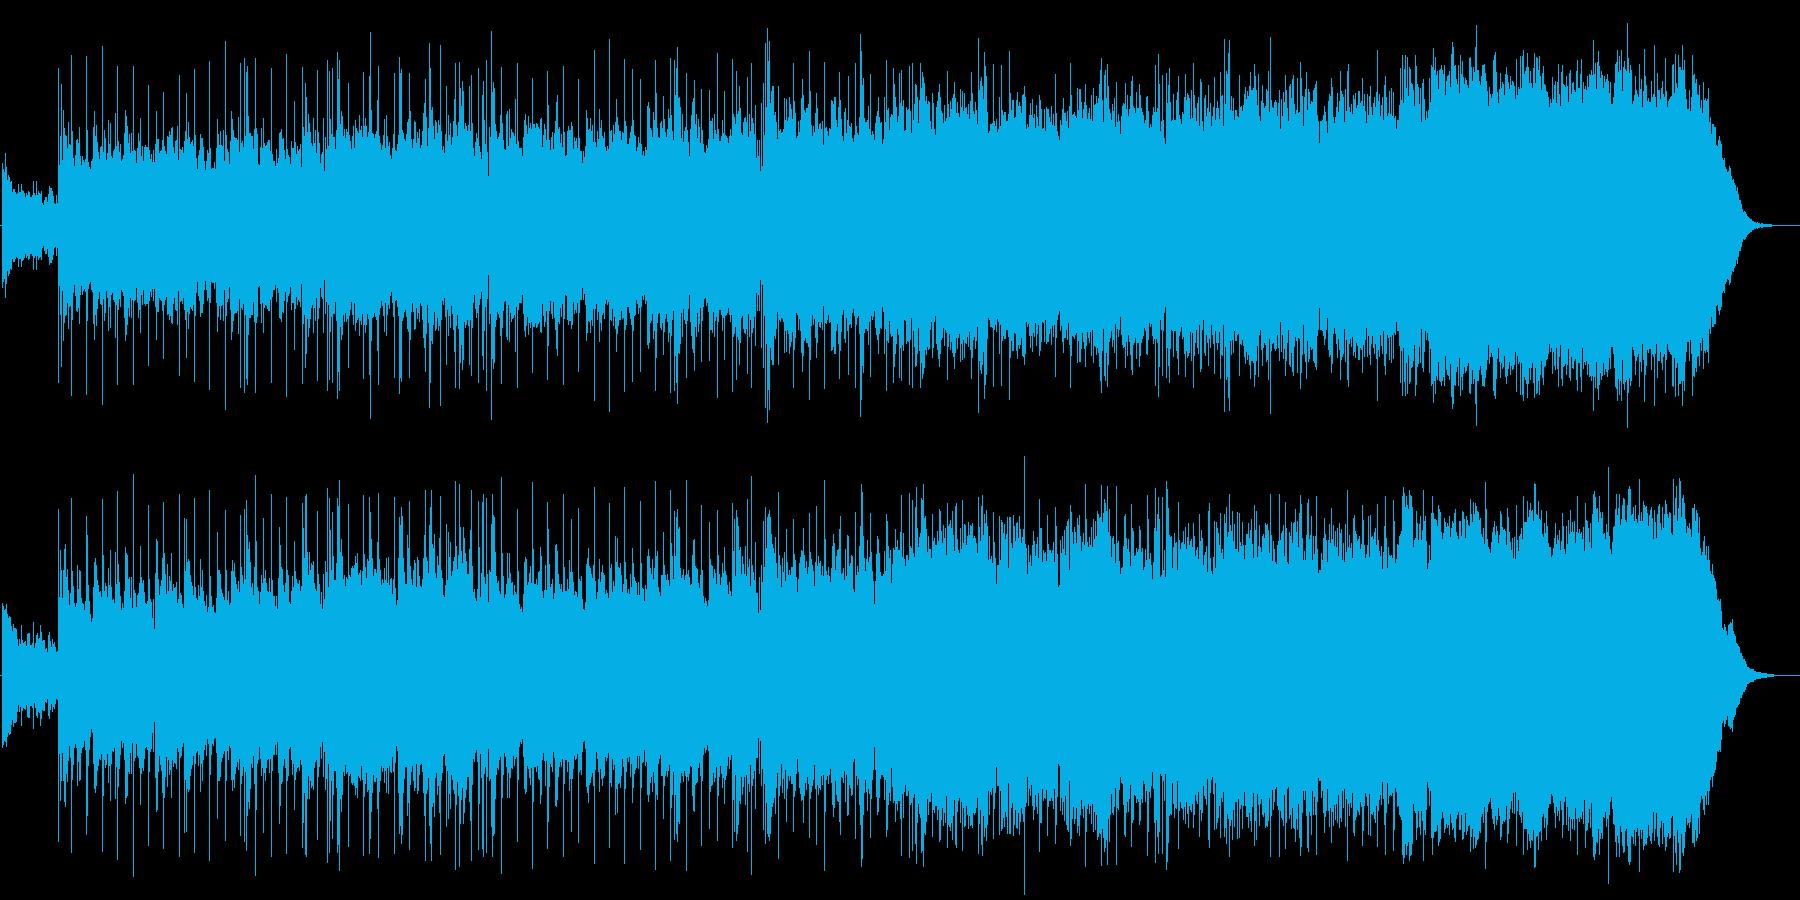 ギターオーケストラが感動的なロックの再生済みの波形